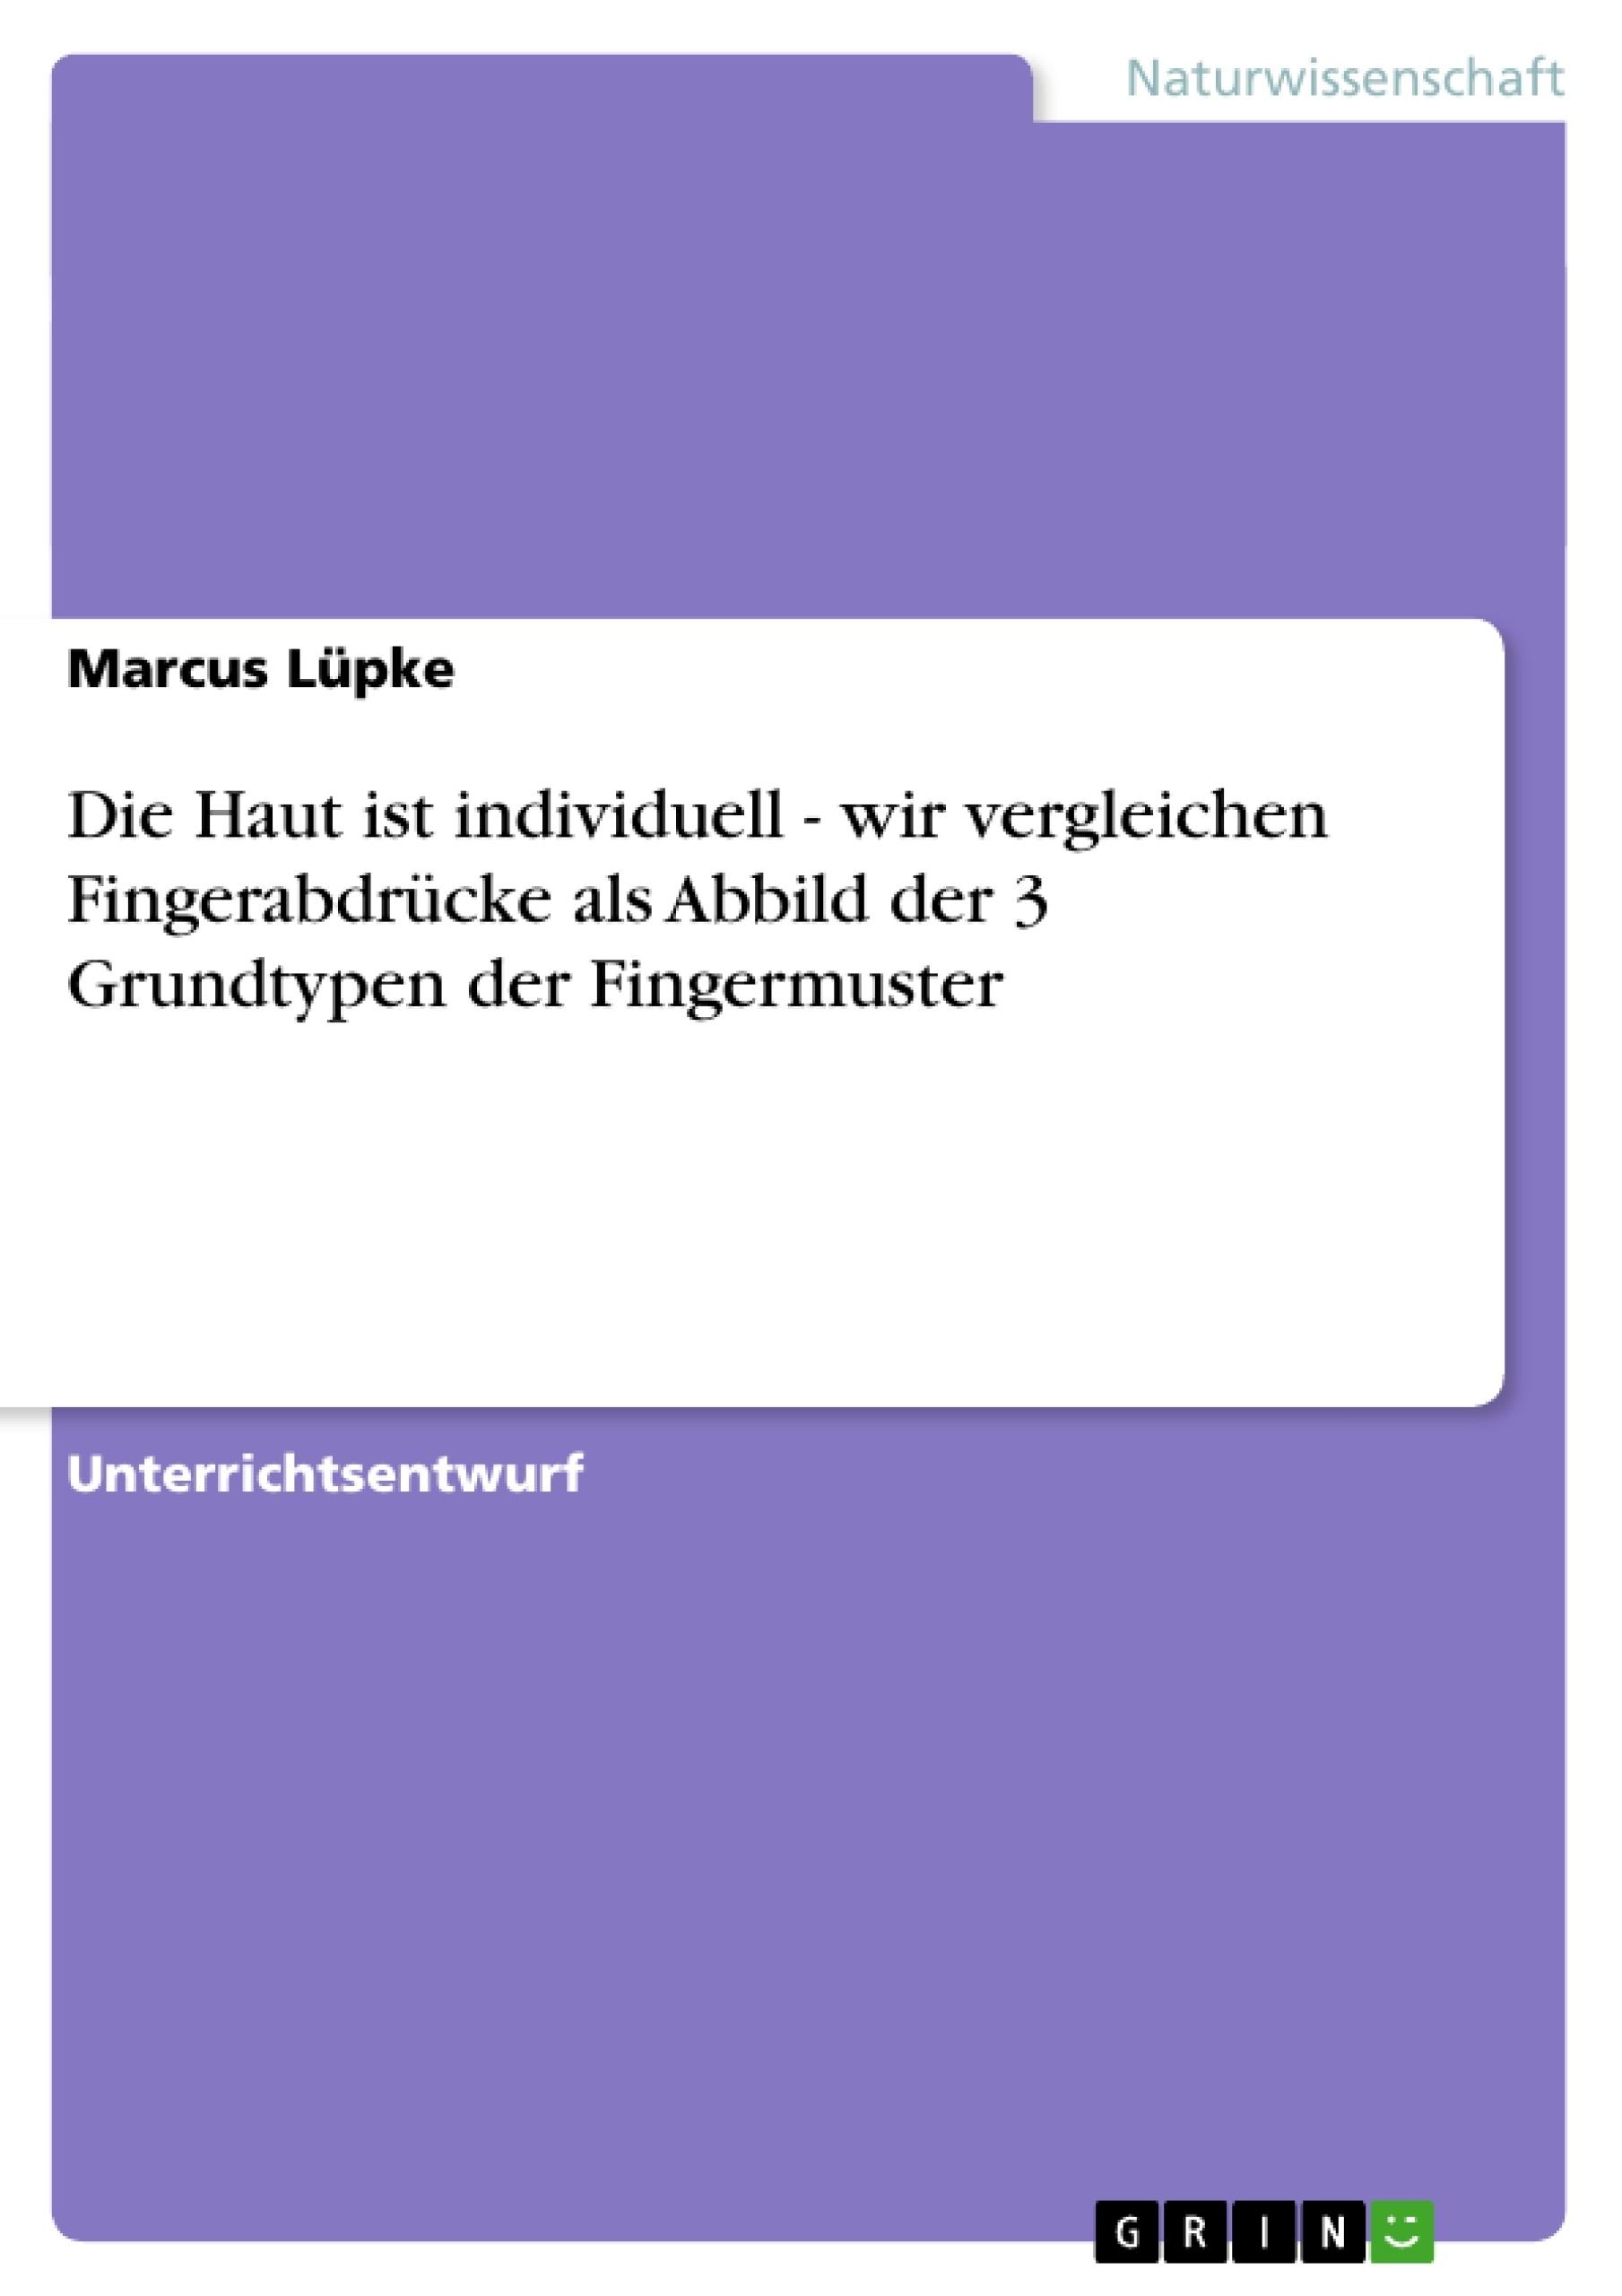 Titel: Die Haut ist individuell - wir vergleichen Fingerabdrücke als Abbild der 3 Grundtypen der Fingermuster